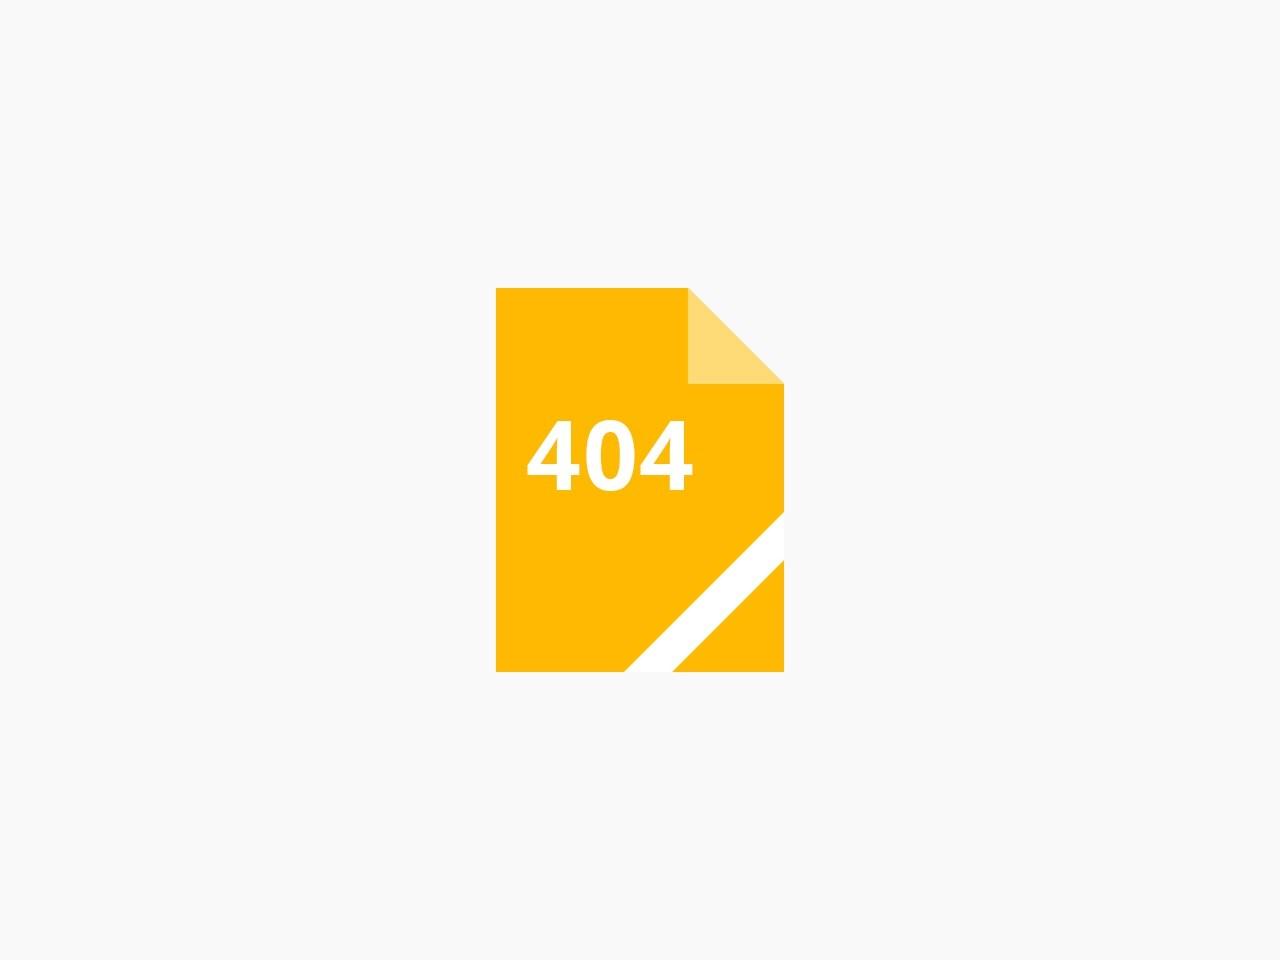 飞印网_图片DIY服务_商业印刷品印刷服务